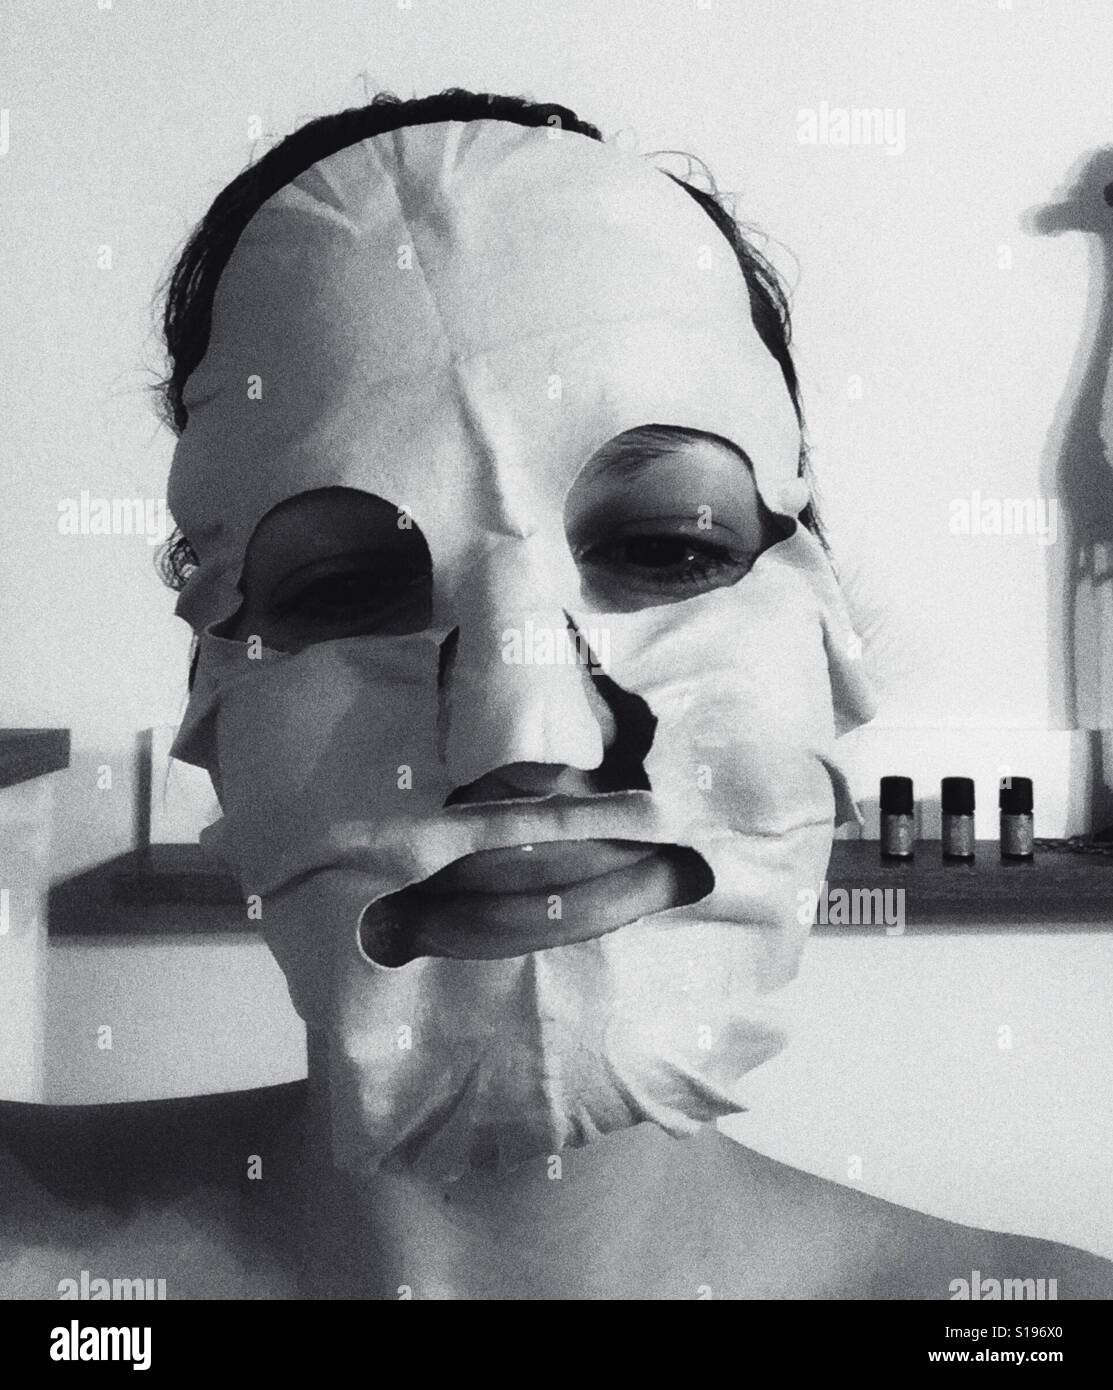 Cara con máscara de belleza en blanco y negro y la silueta de la jirafa detrás Foto de stock